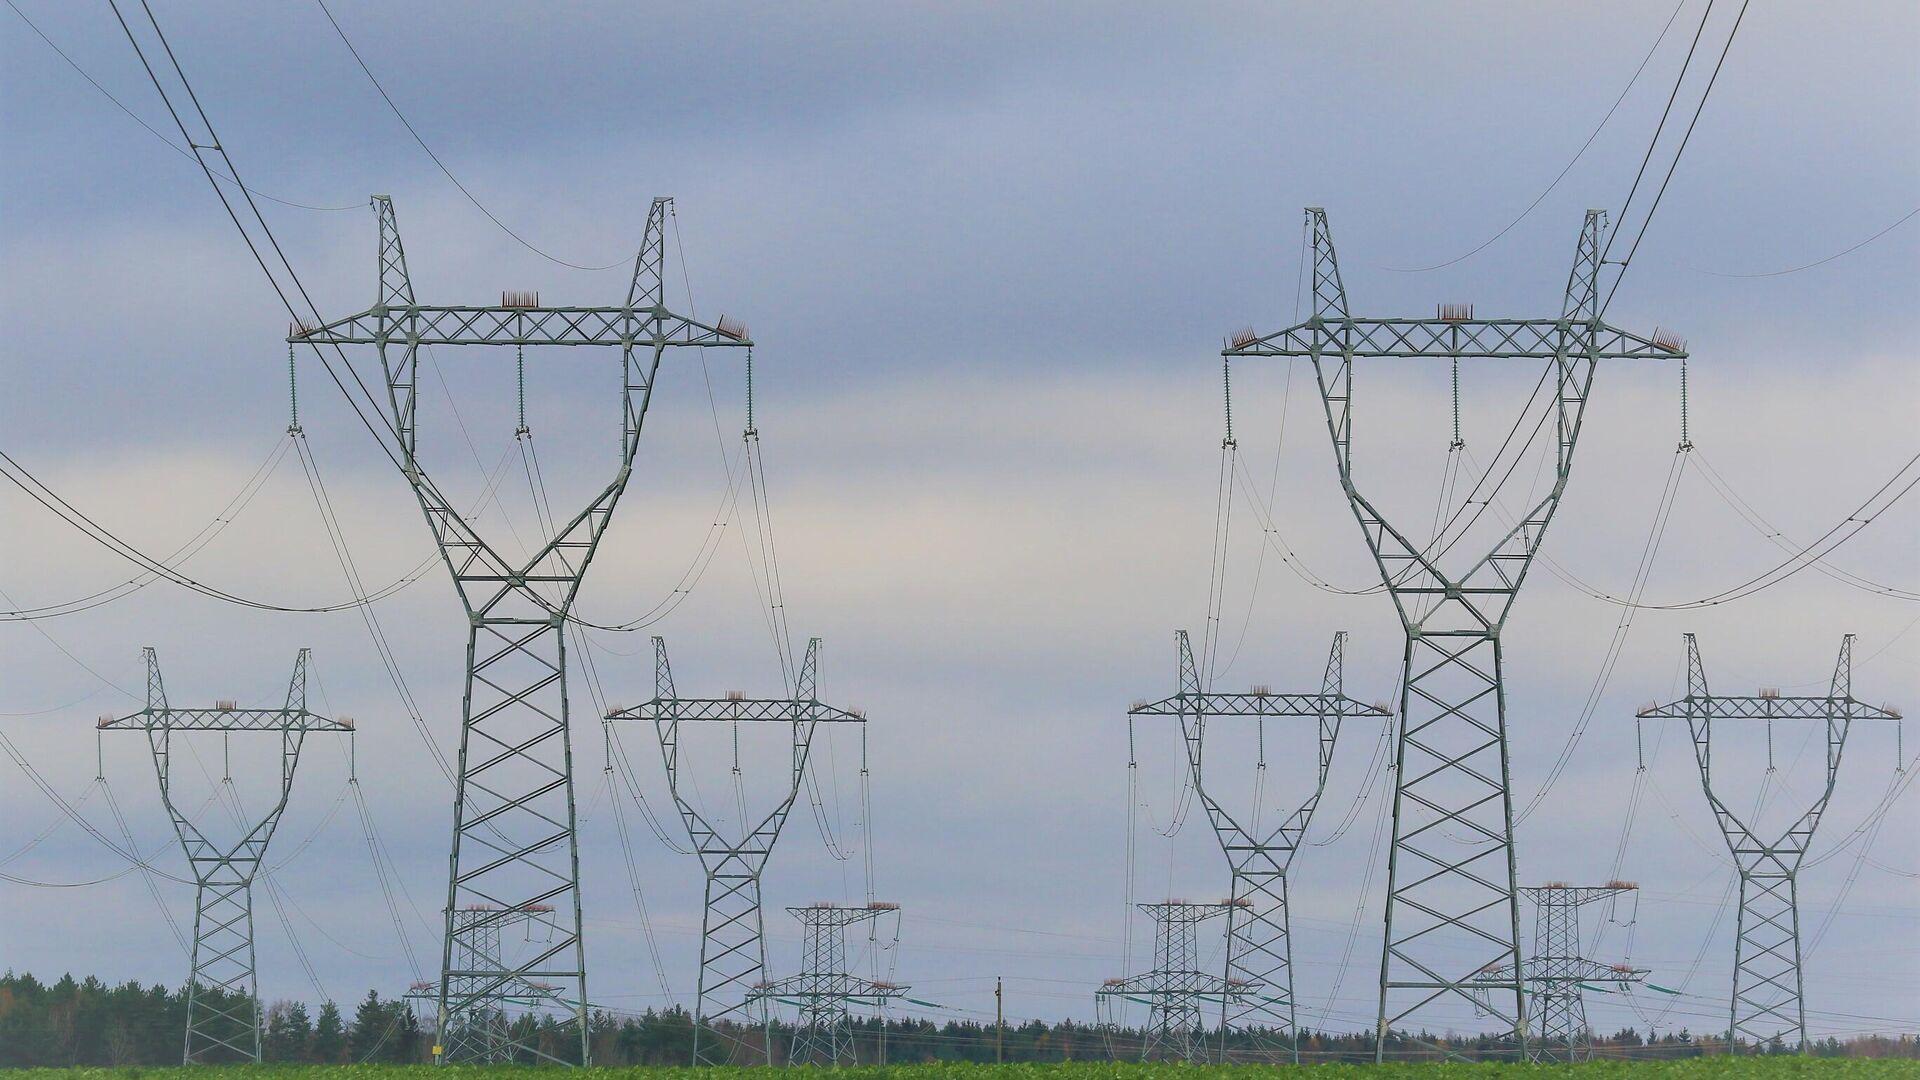 Энергетический пуск энергоблока № 1 Белорусской АЭС - РИА Новости, 1920, 07.11.2020